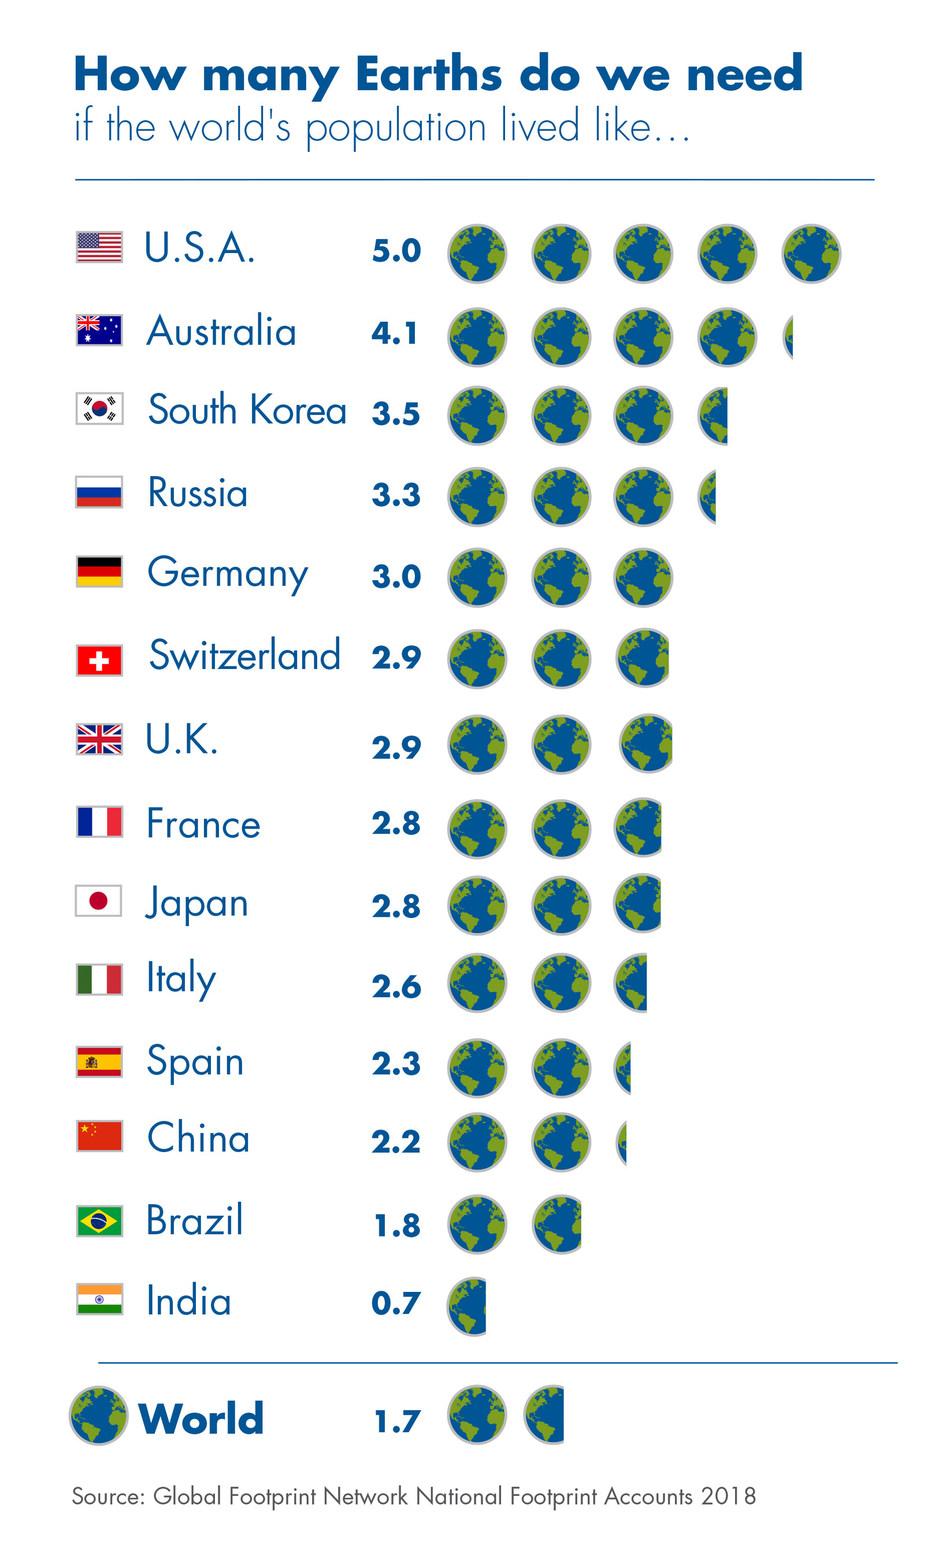 8月1日生态越界日到来,人类已经用了1.7个地球   美通社